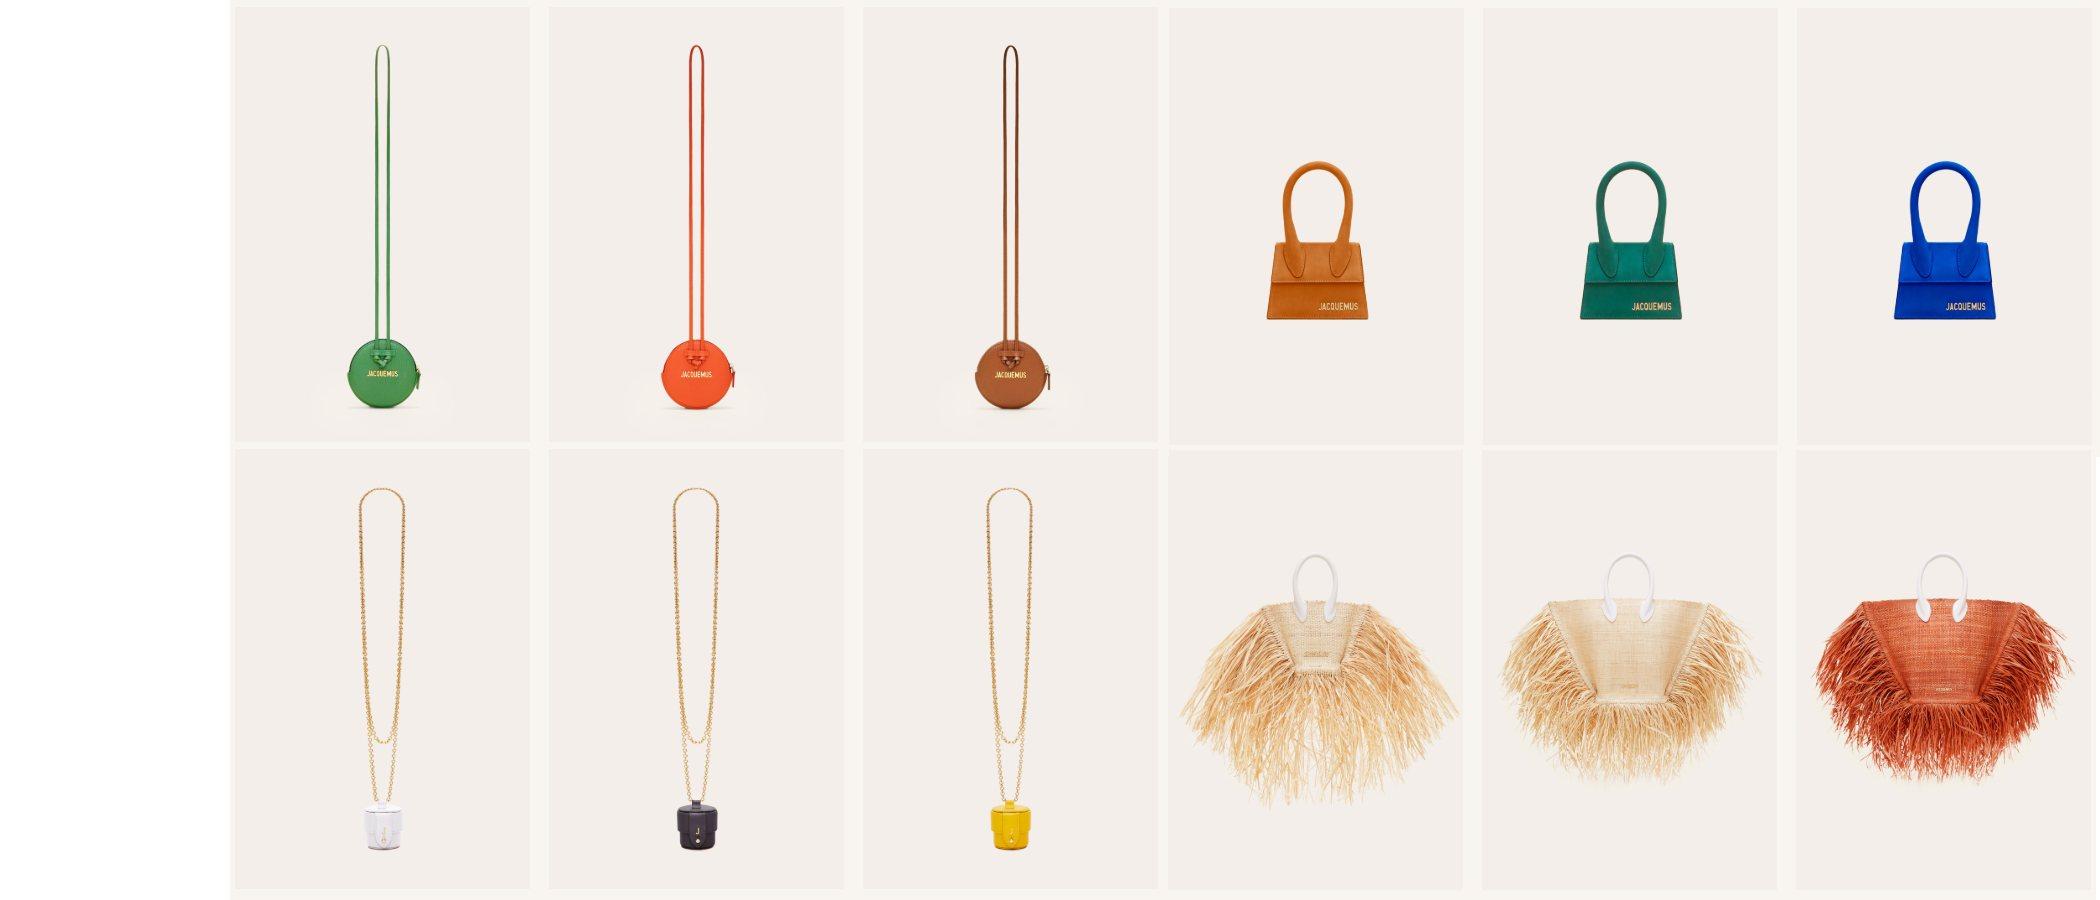 El bolso en miniatura de Jacquemus llega a la calle de manos del 'low cost'